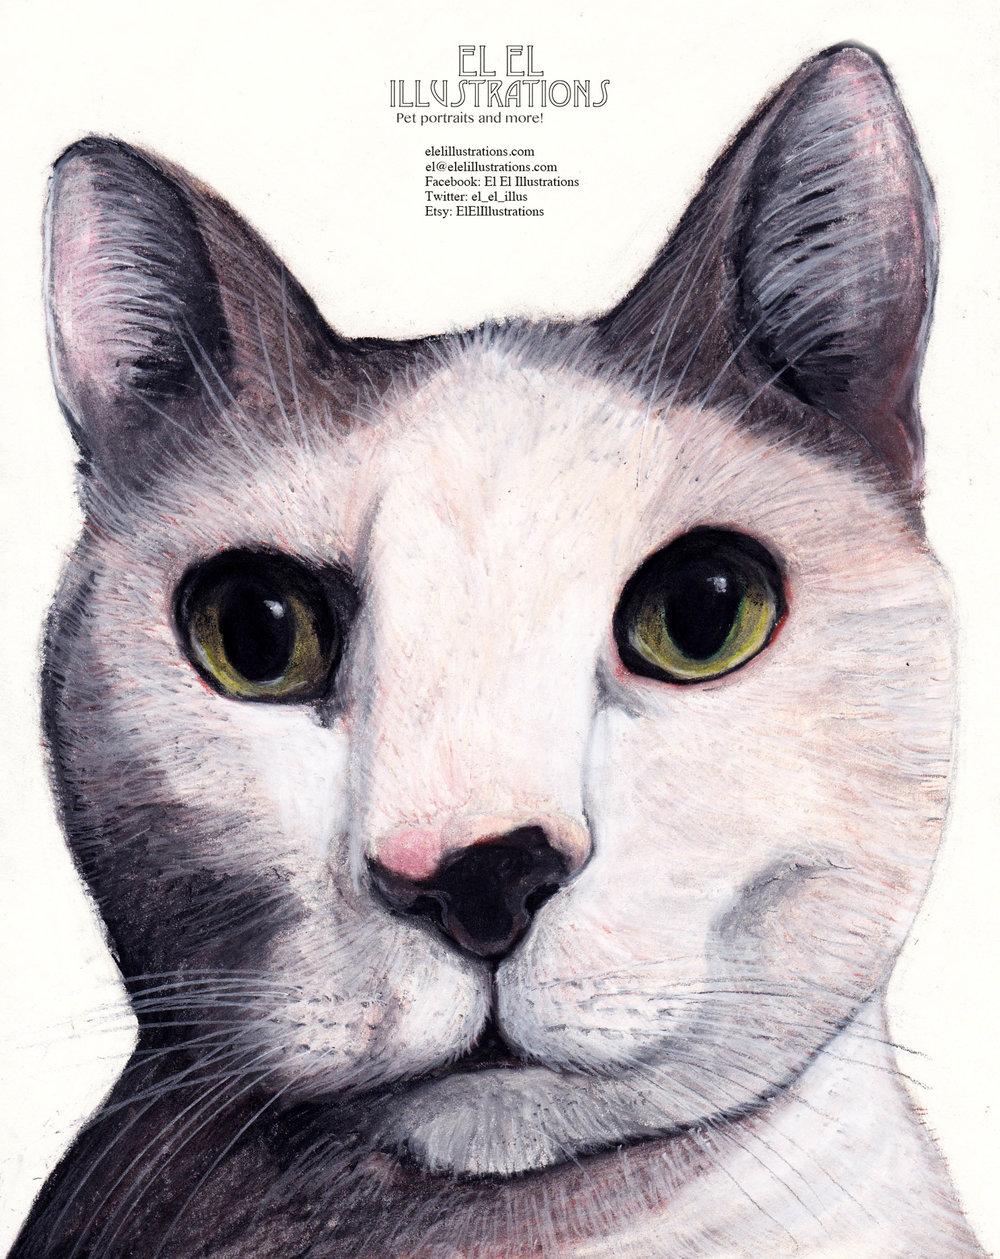 chaz_cat_wm.jpg